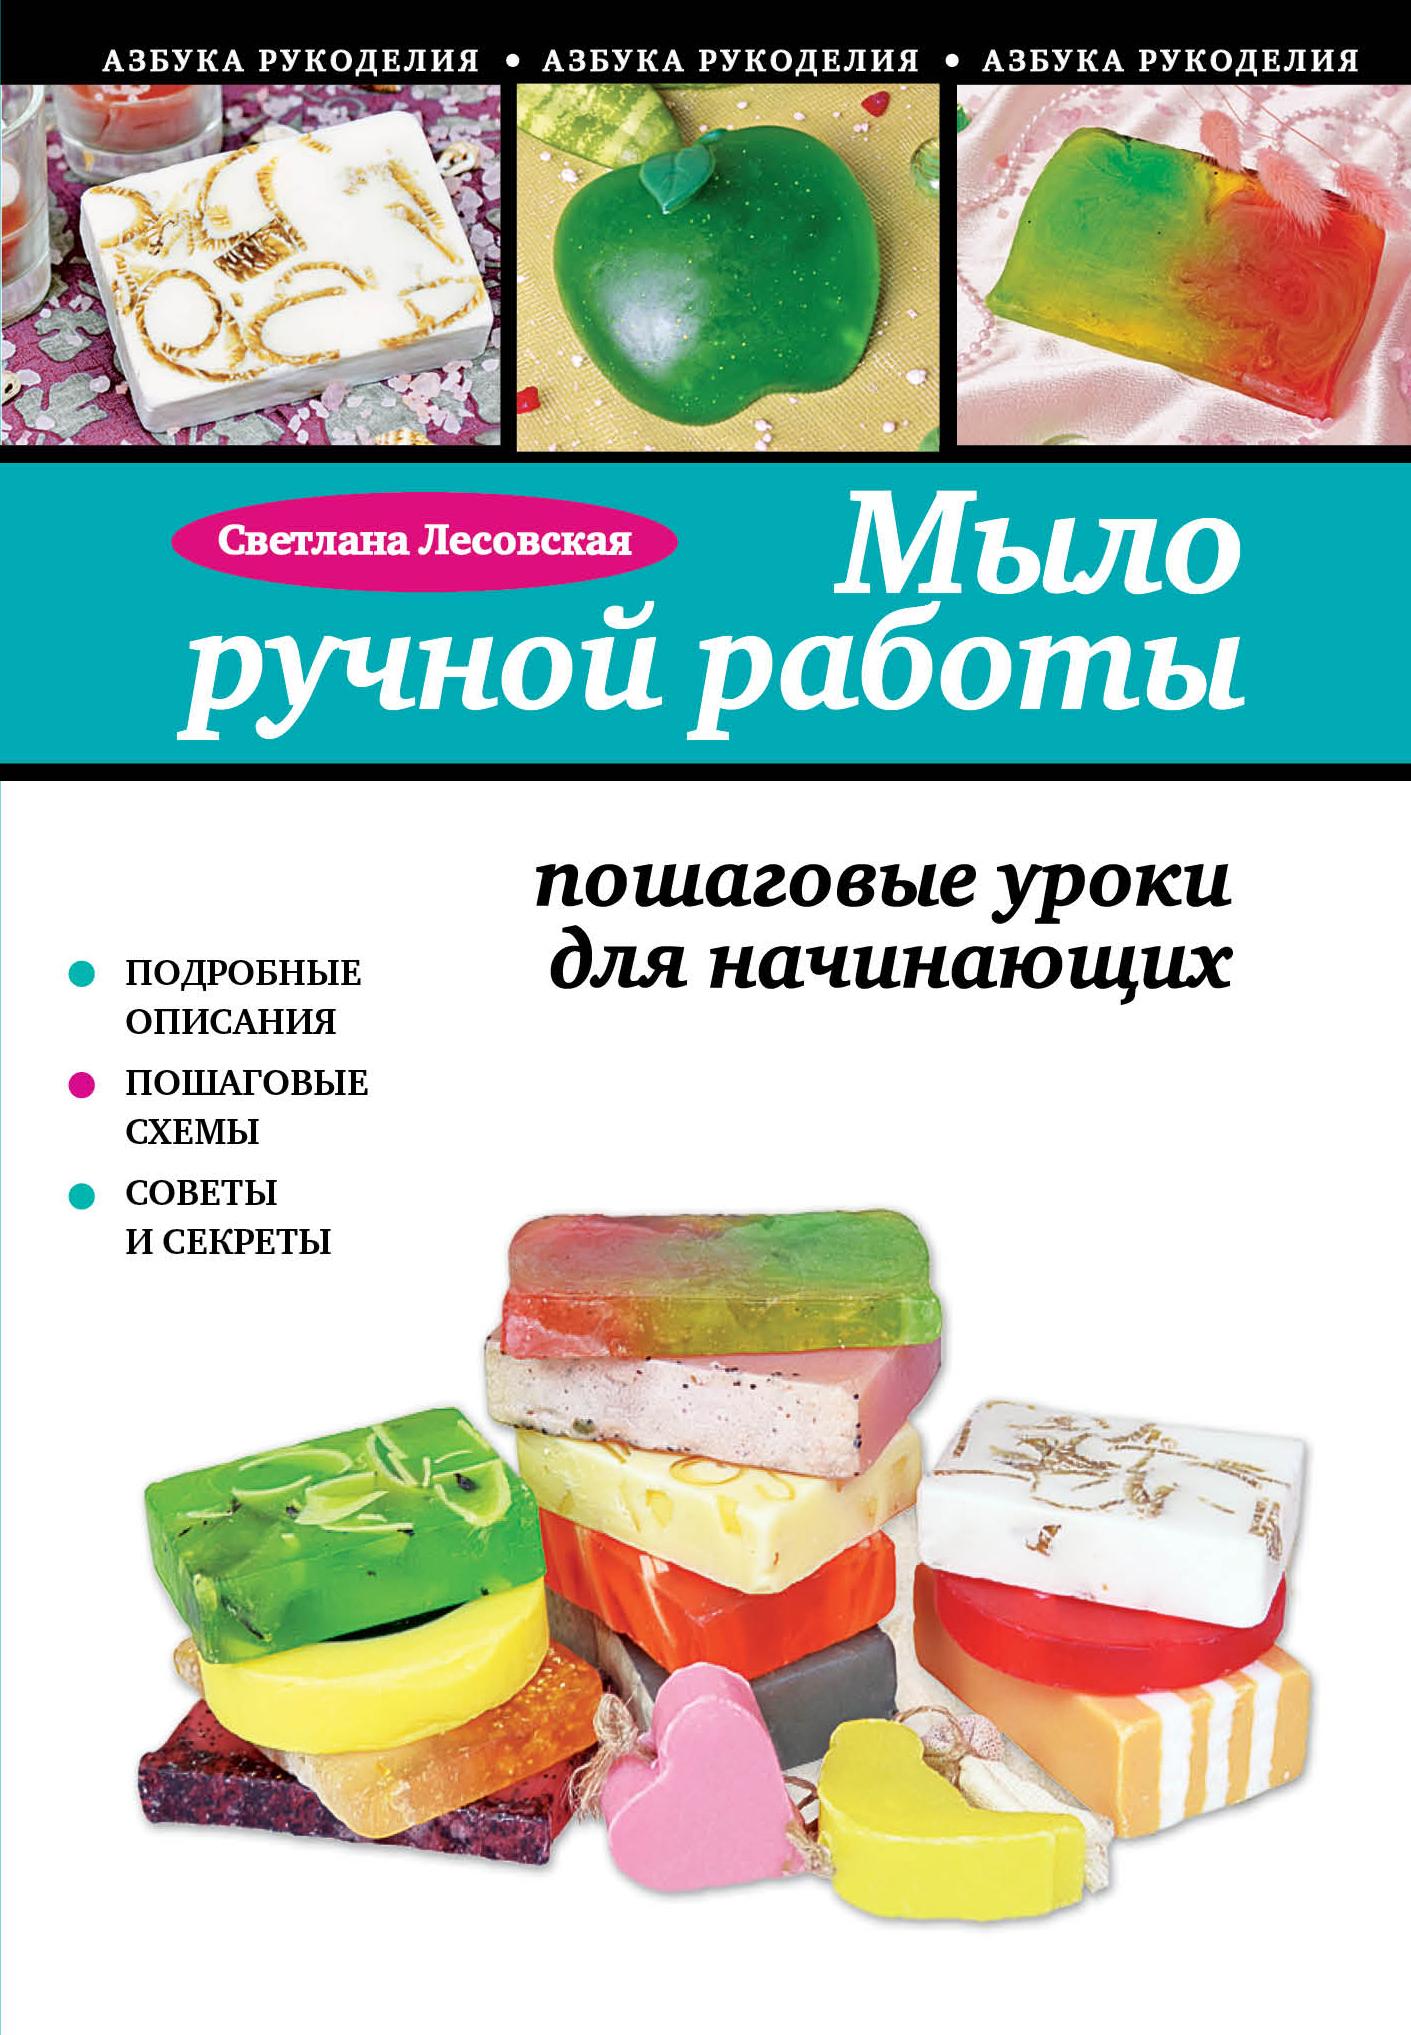 Книга по мыловаренью для начинающих